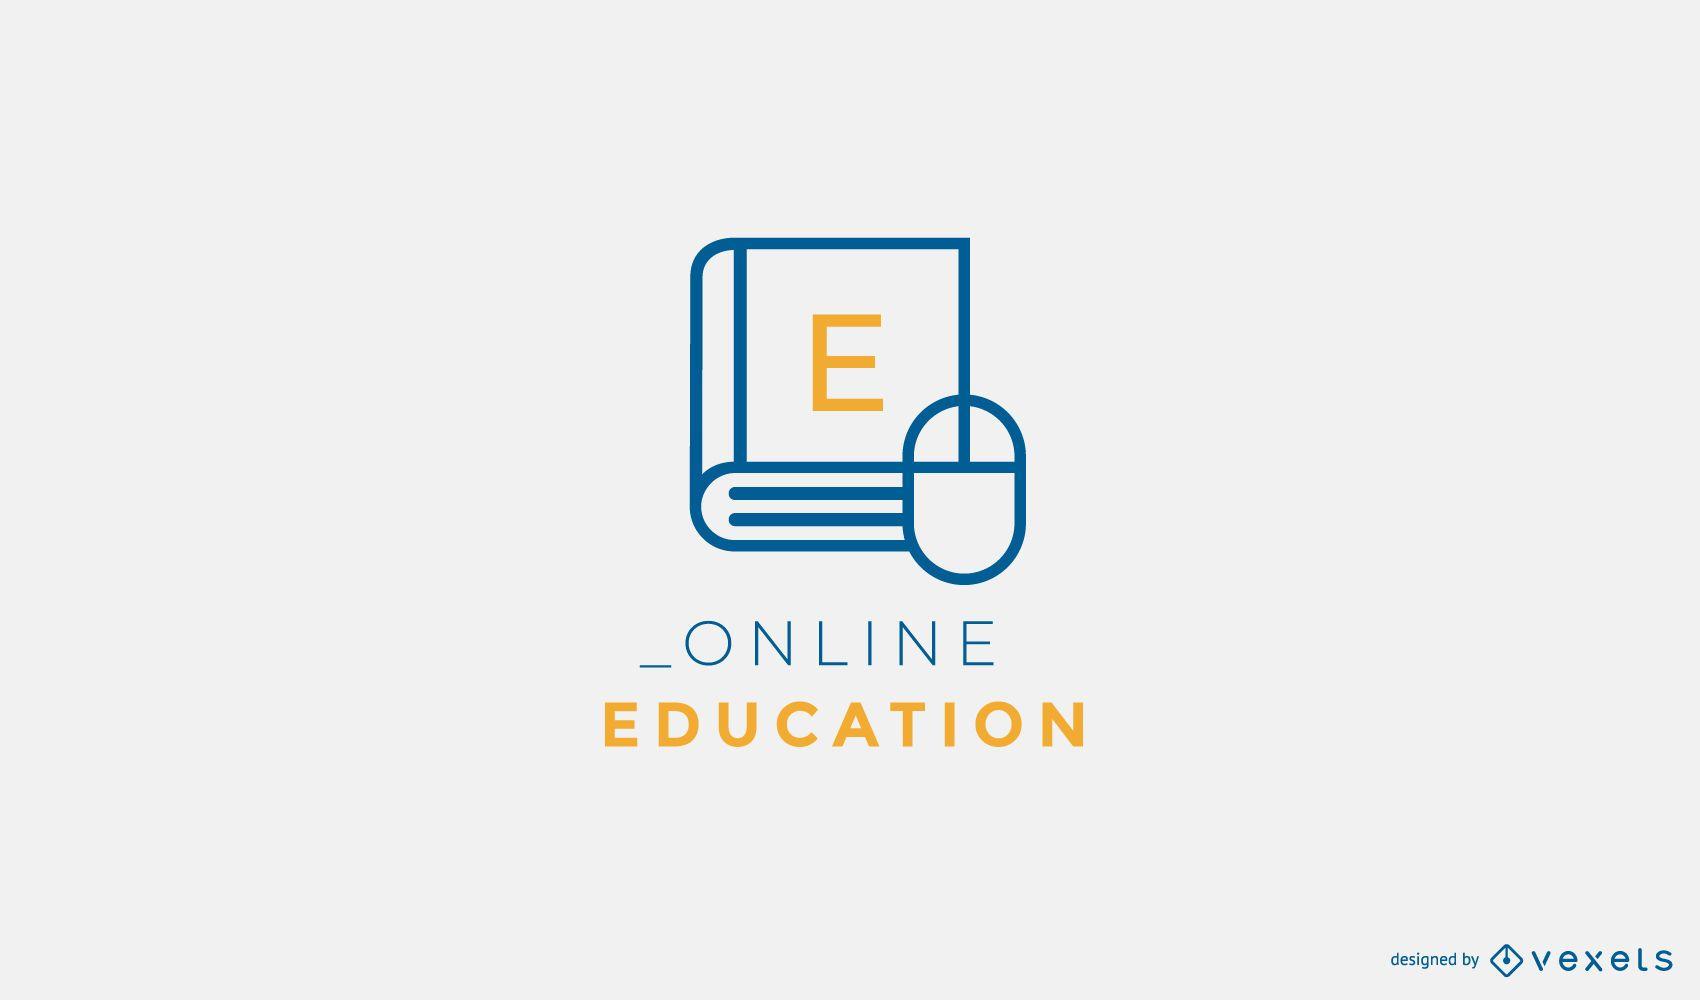 Diseño de logo de educación online